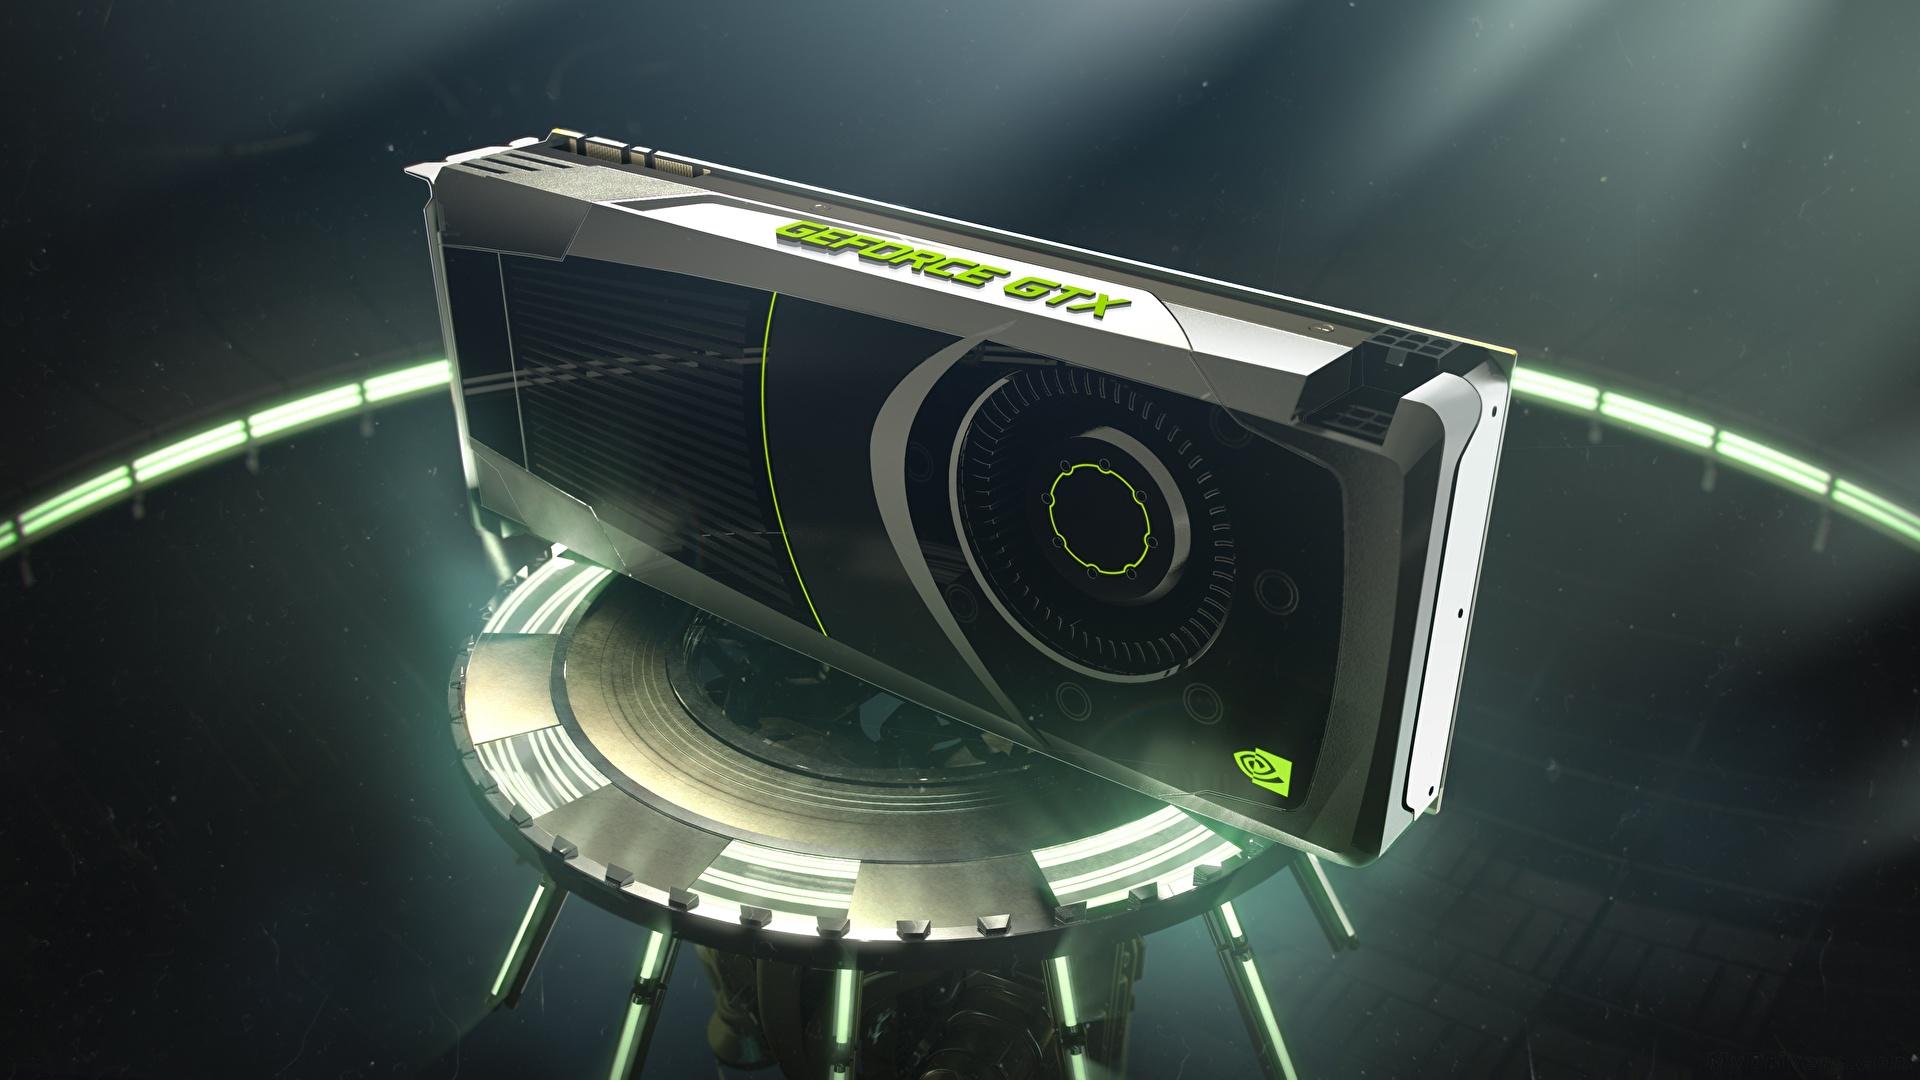 壁紙 1920x1080 エヌビディア Nvidia Geforce Gtx Video Card